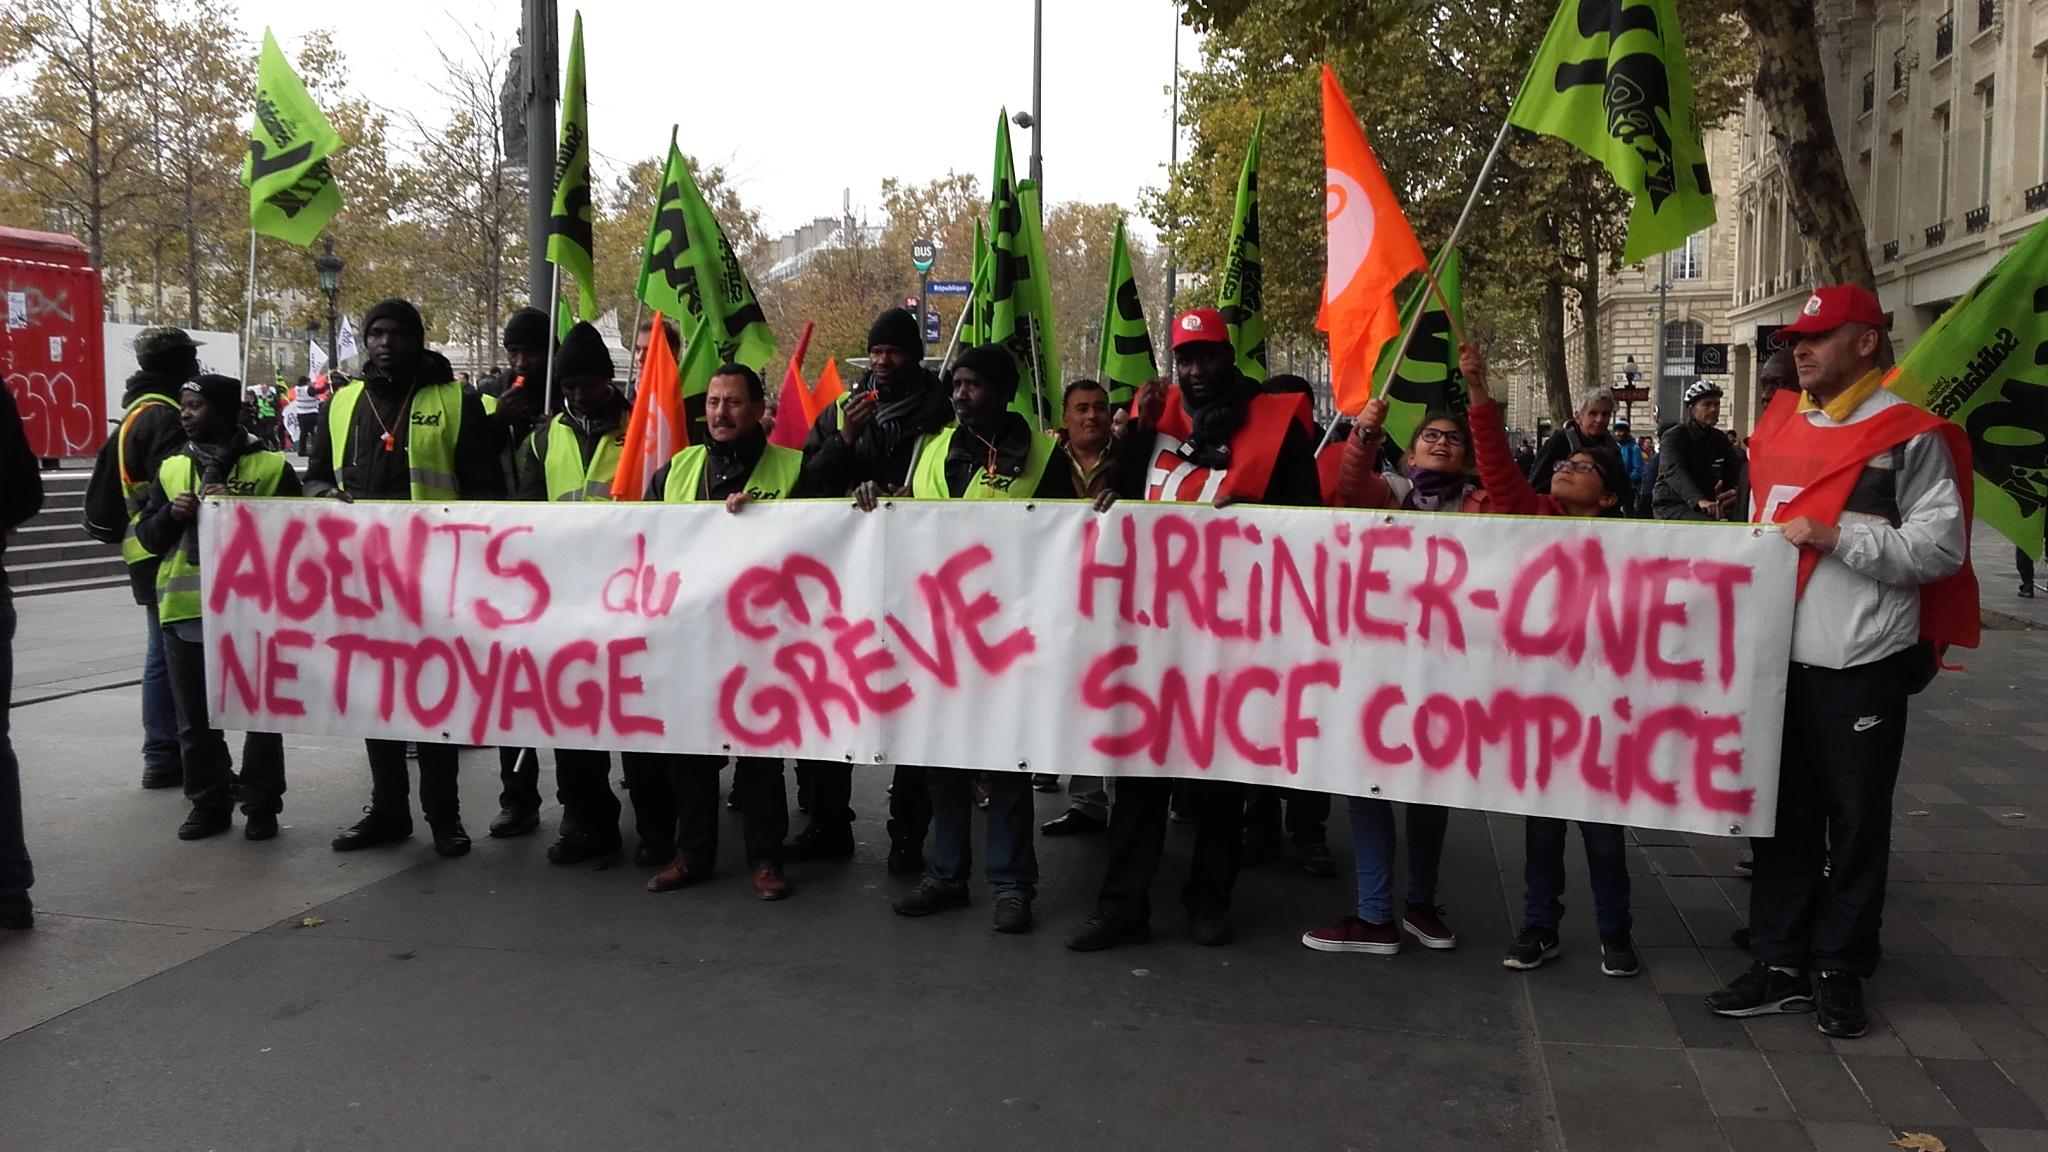 video solidarit des cheminots de paris nord avec les gr vistes du nettoyage. Black Bedroom Furniture Sets. Home Design Ideas